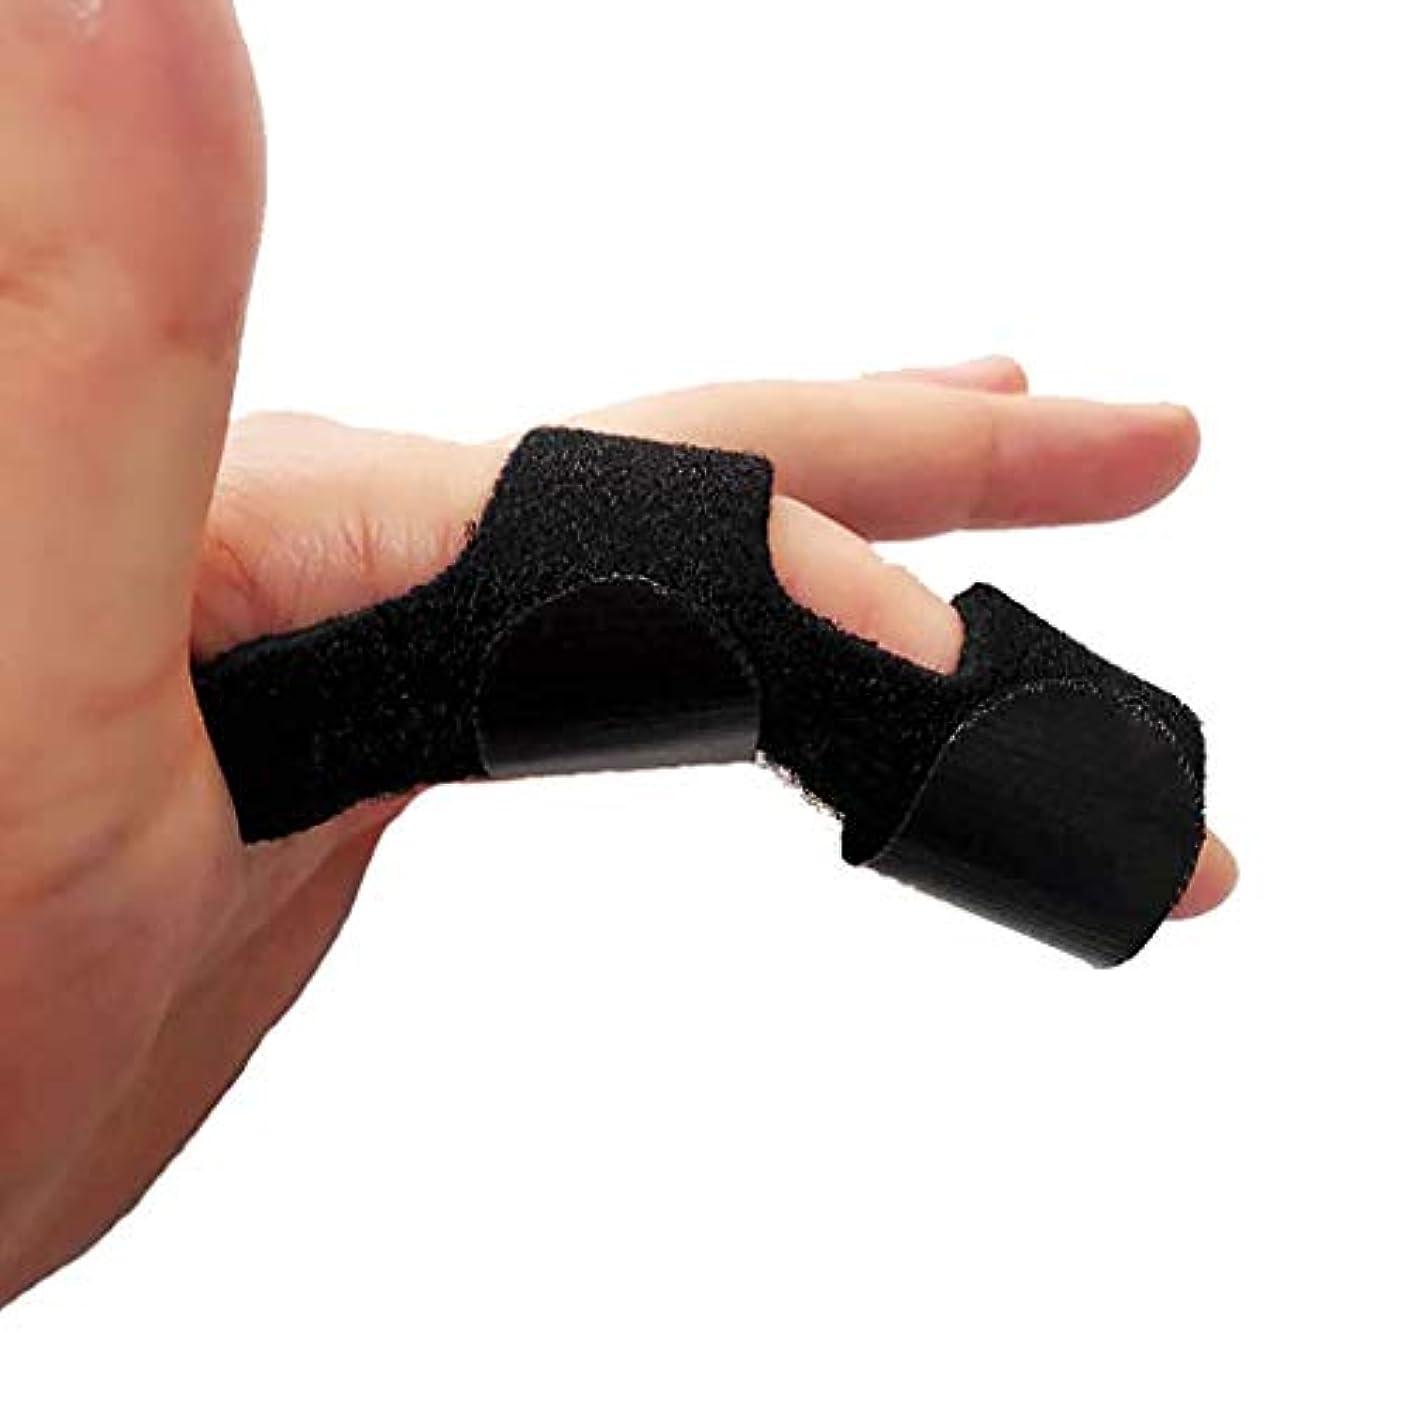 まどろみのある宇宙のモノグラフ引き金用フィンガーエクステンションスプリントフィンガーマレットフィンガーナックル固定フィンガー骨折創傷術後ケアと痛み緩和フィンガースプリント,黒